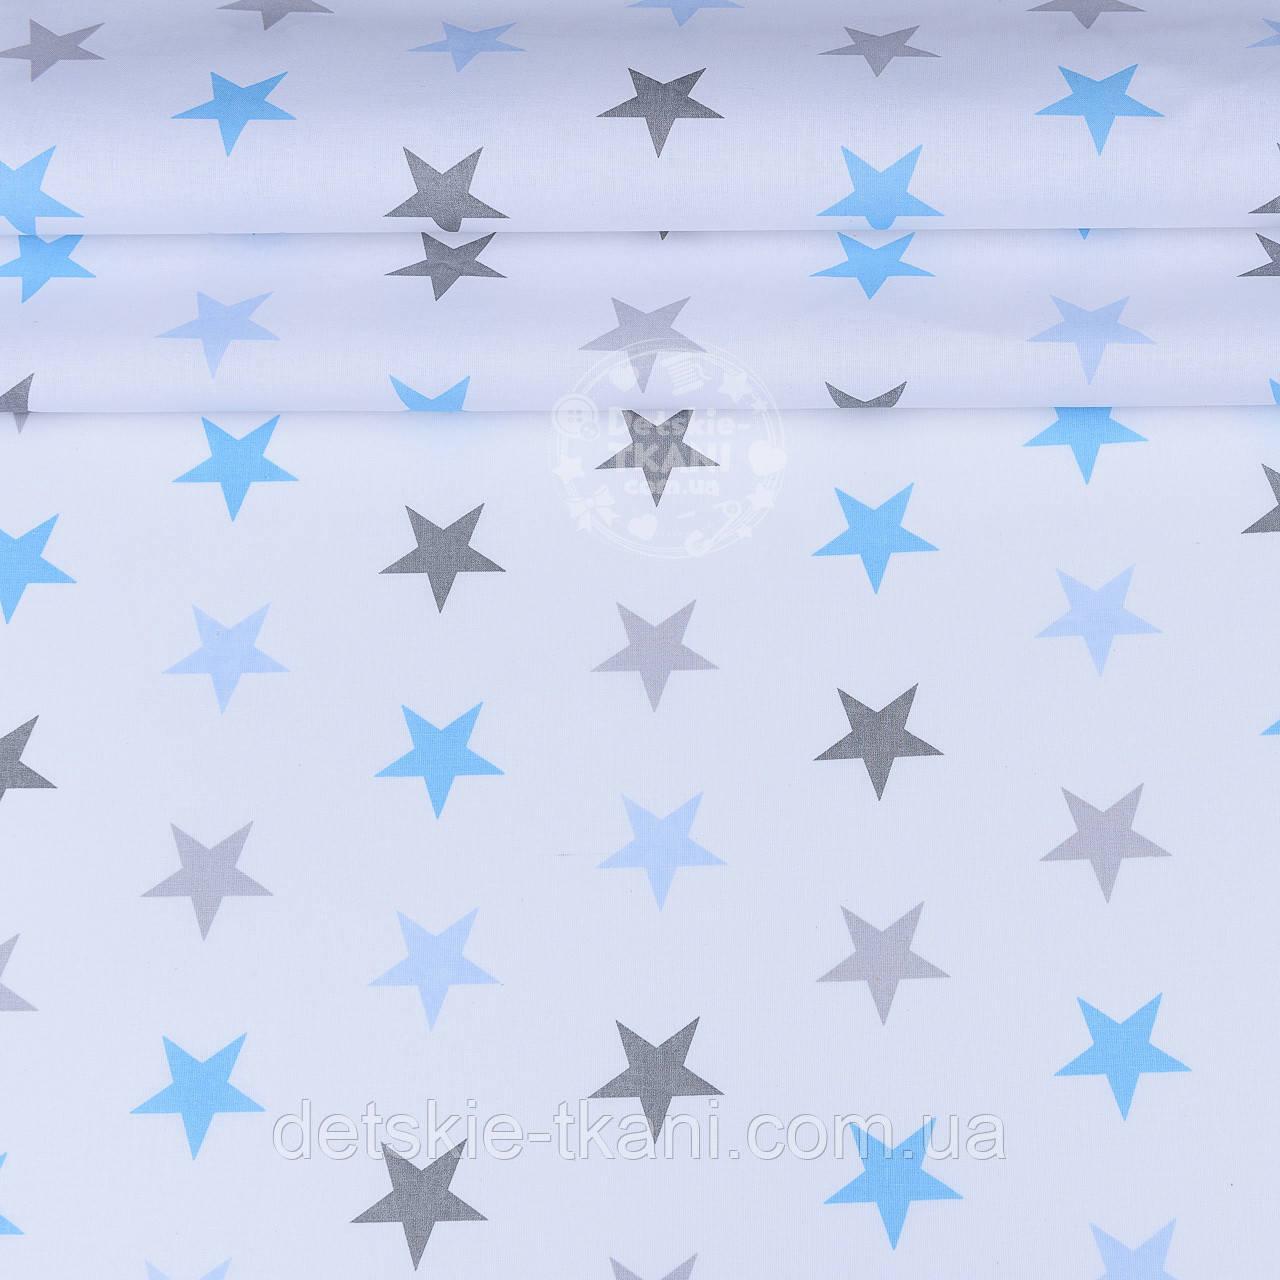 Бязь ранфорс шириной 220 см с голубыми и серыми звёздами на белом фоне (№1214)